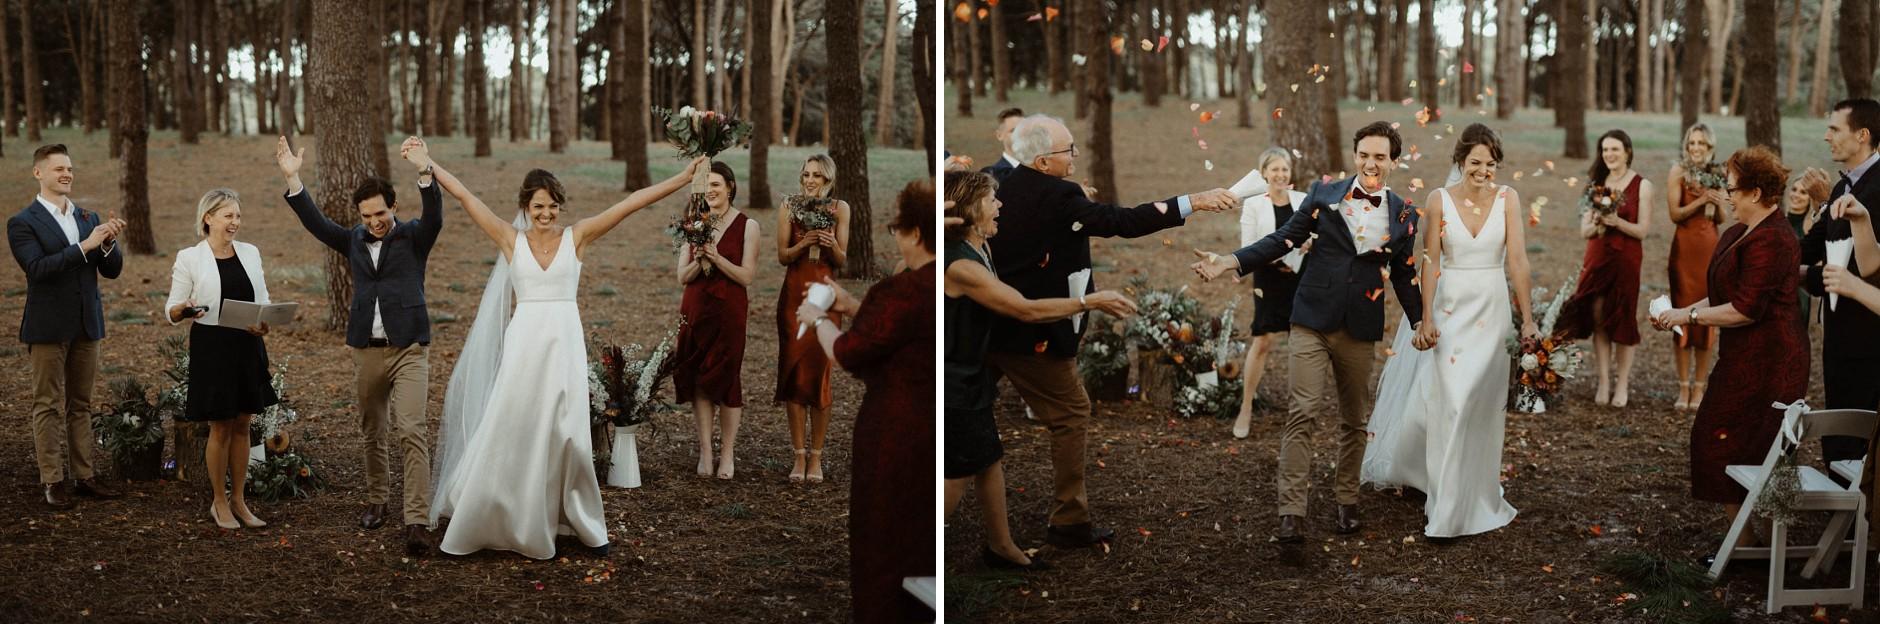 Sydney-Wedding-Photographer-kath&ross0421_Sydney-Wedding-Photographer.jpg